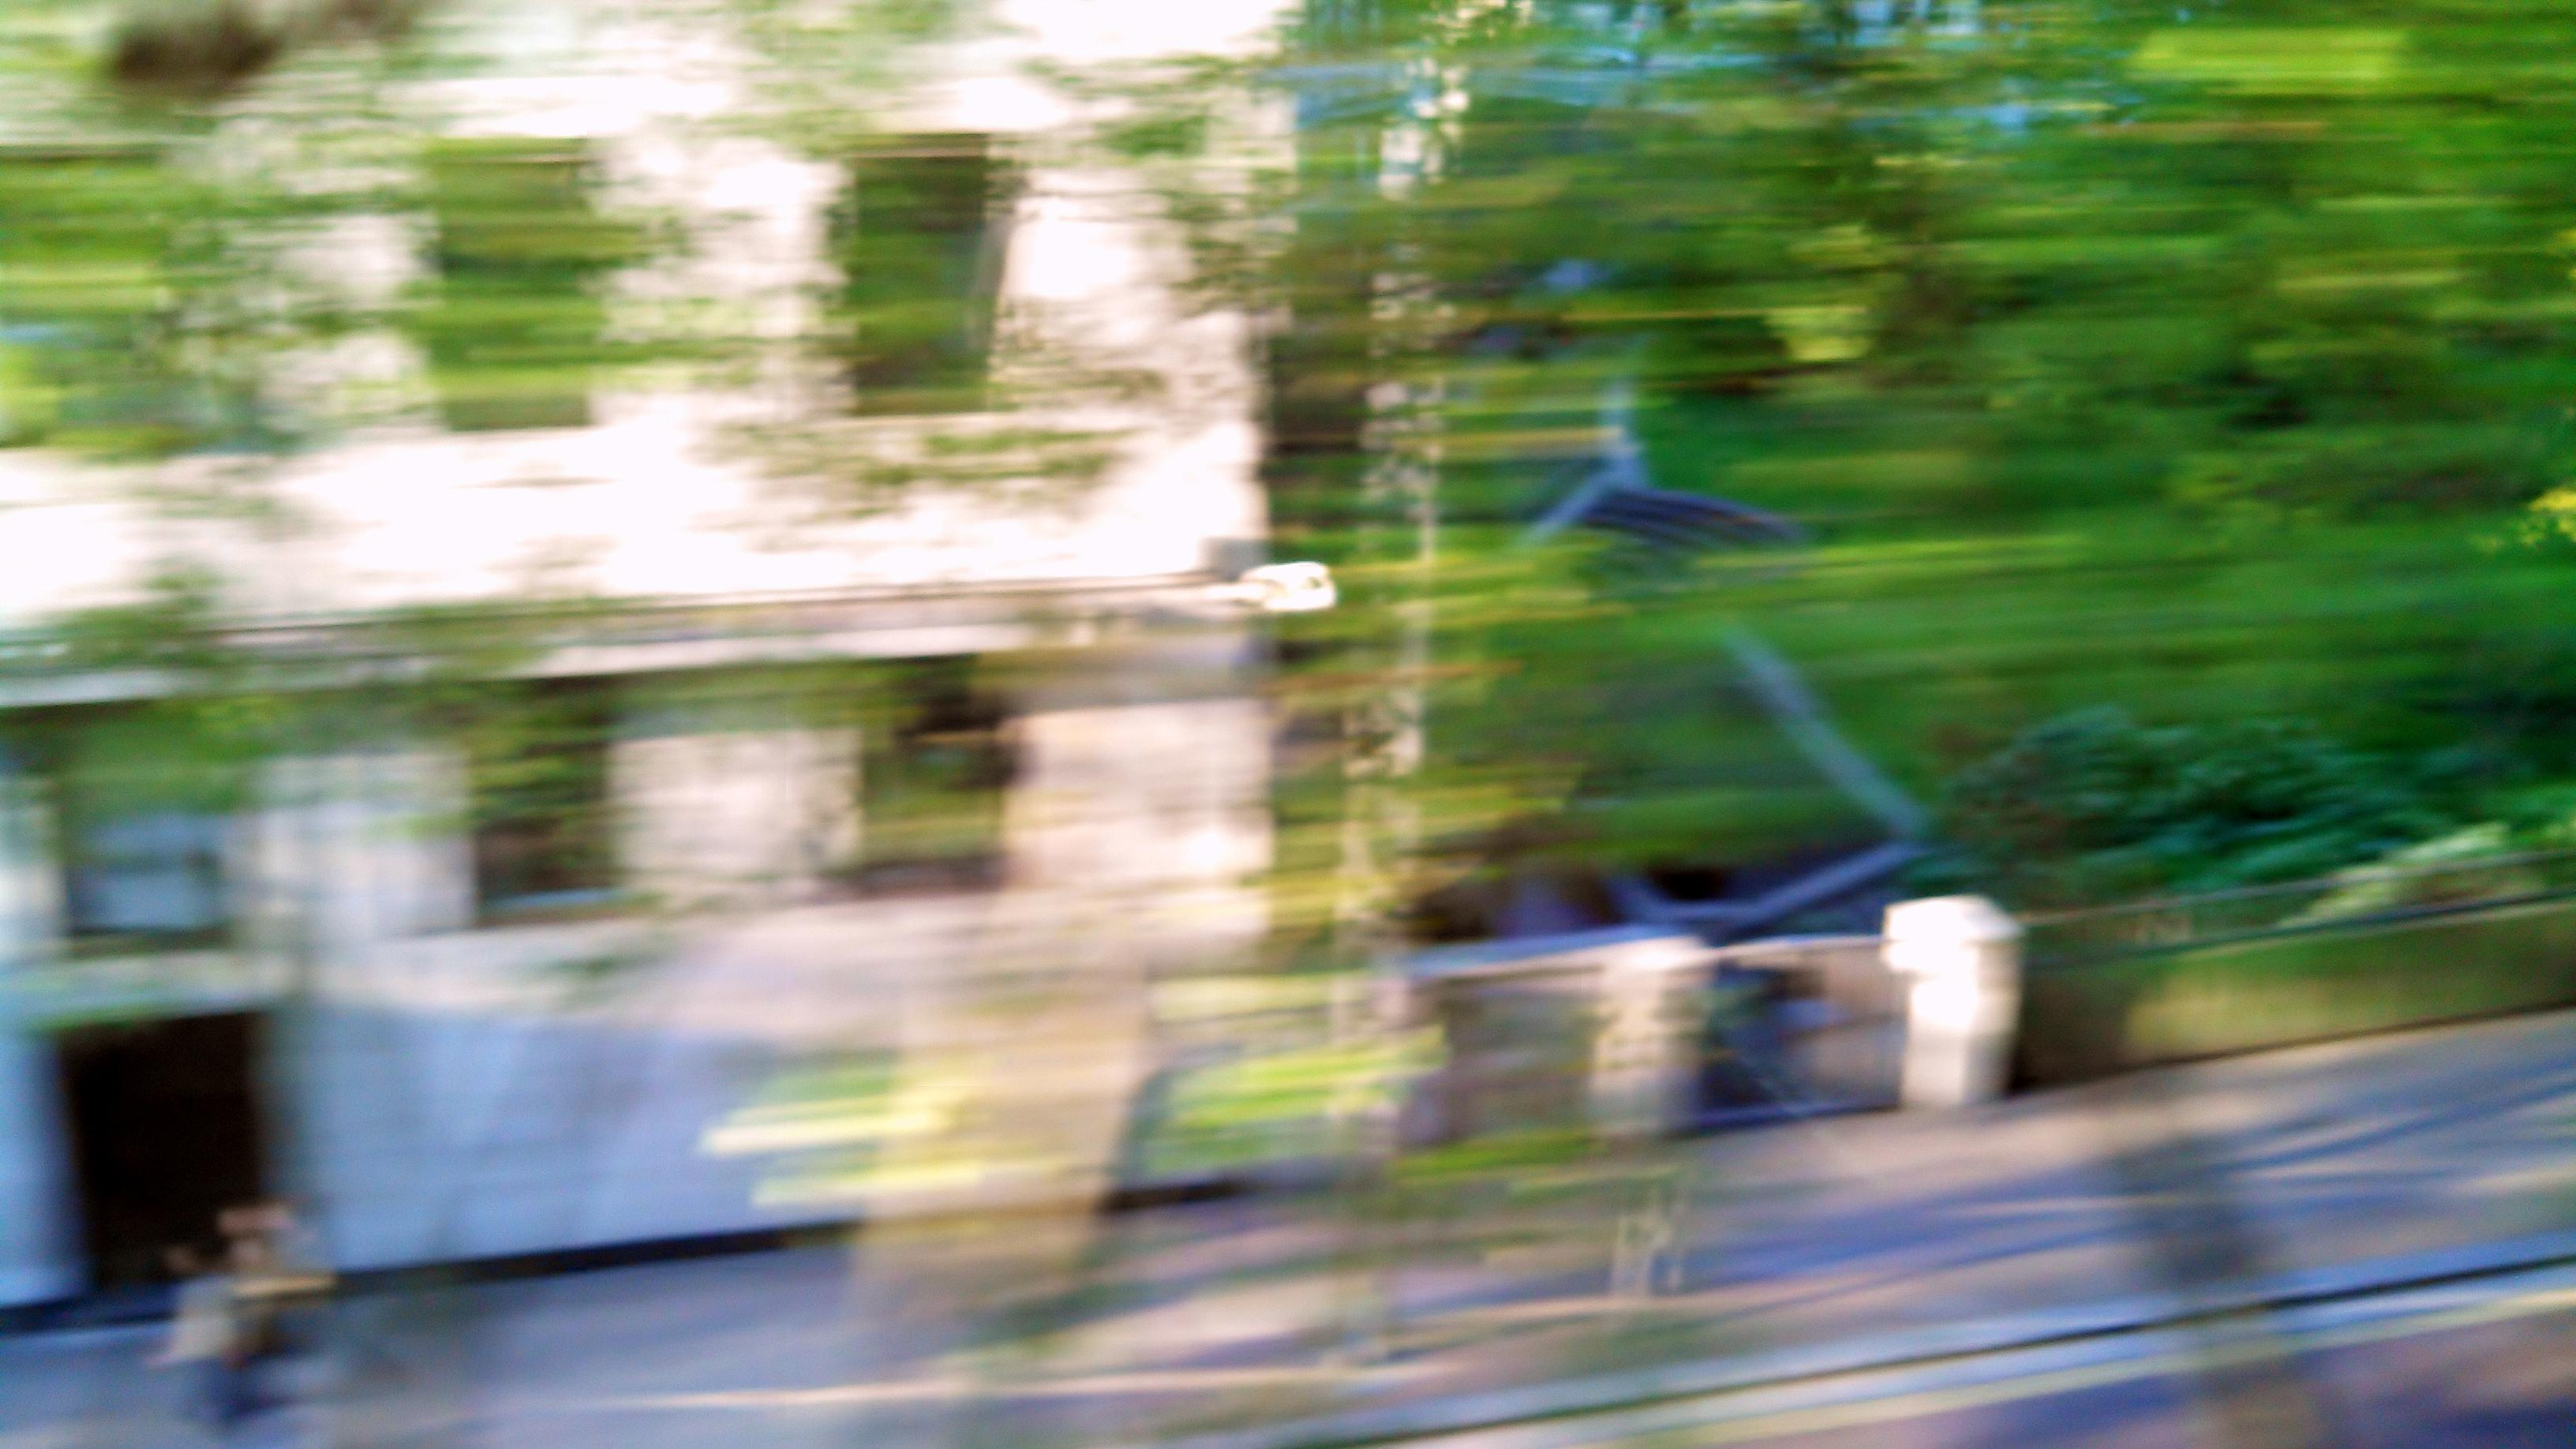 london street scenes train